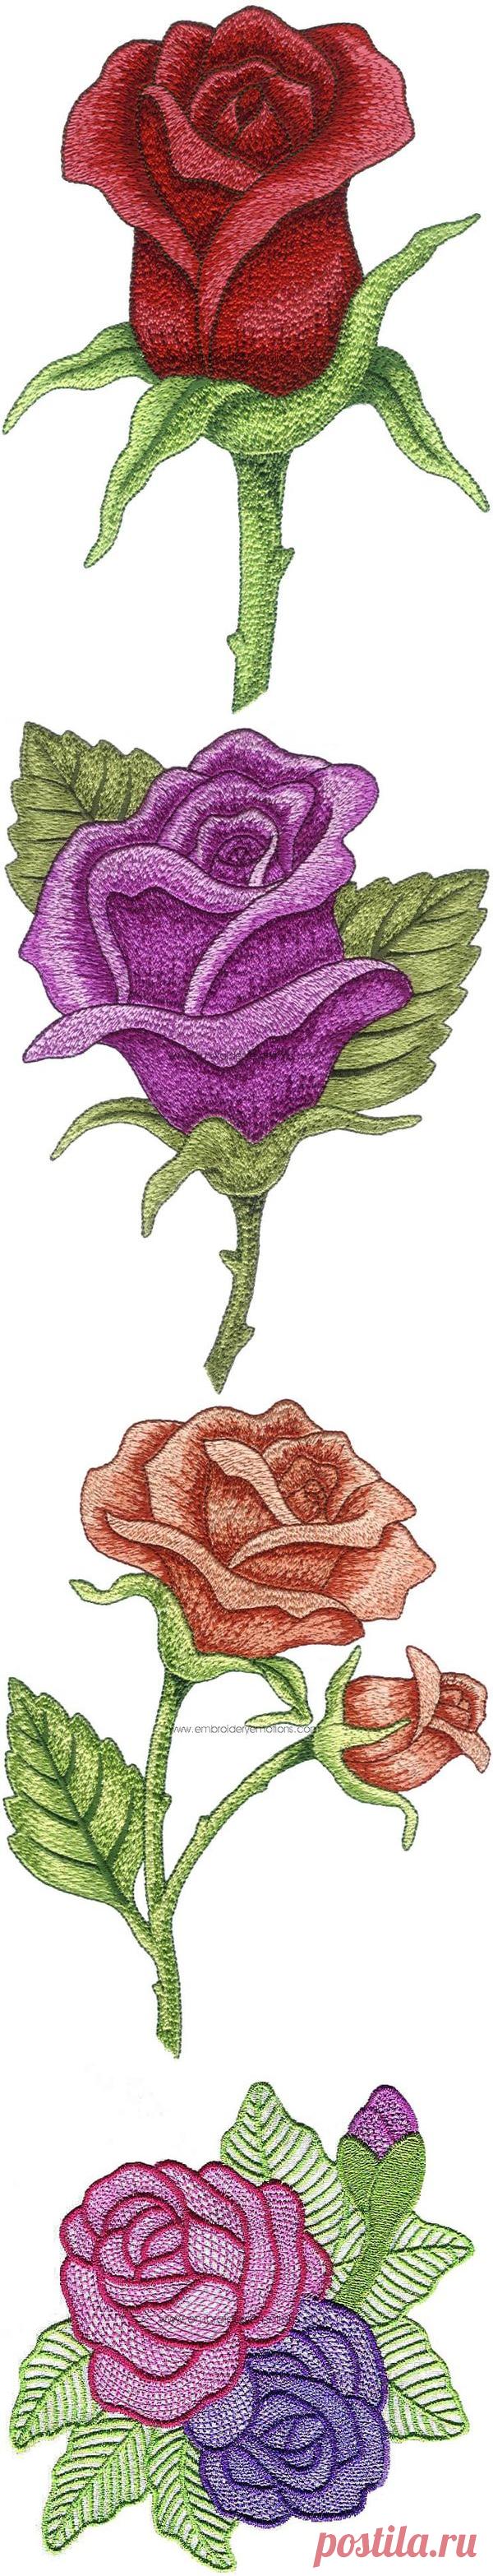 Необычные цветочные вышивки